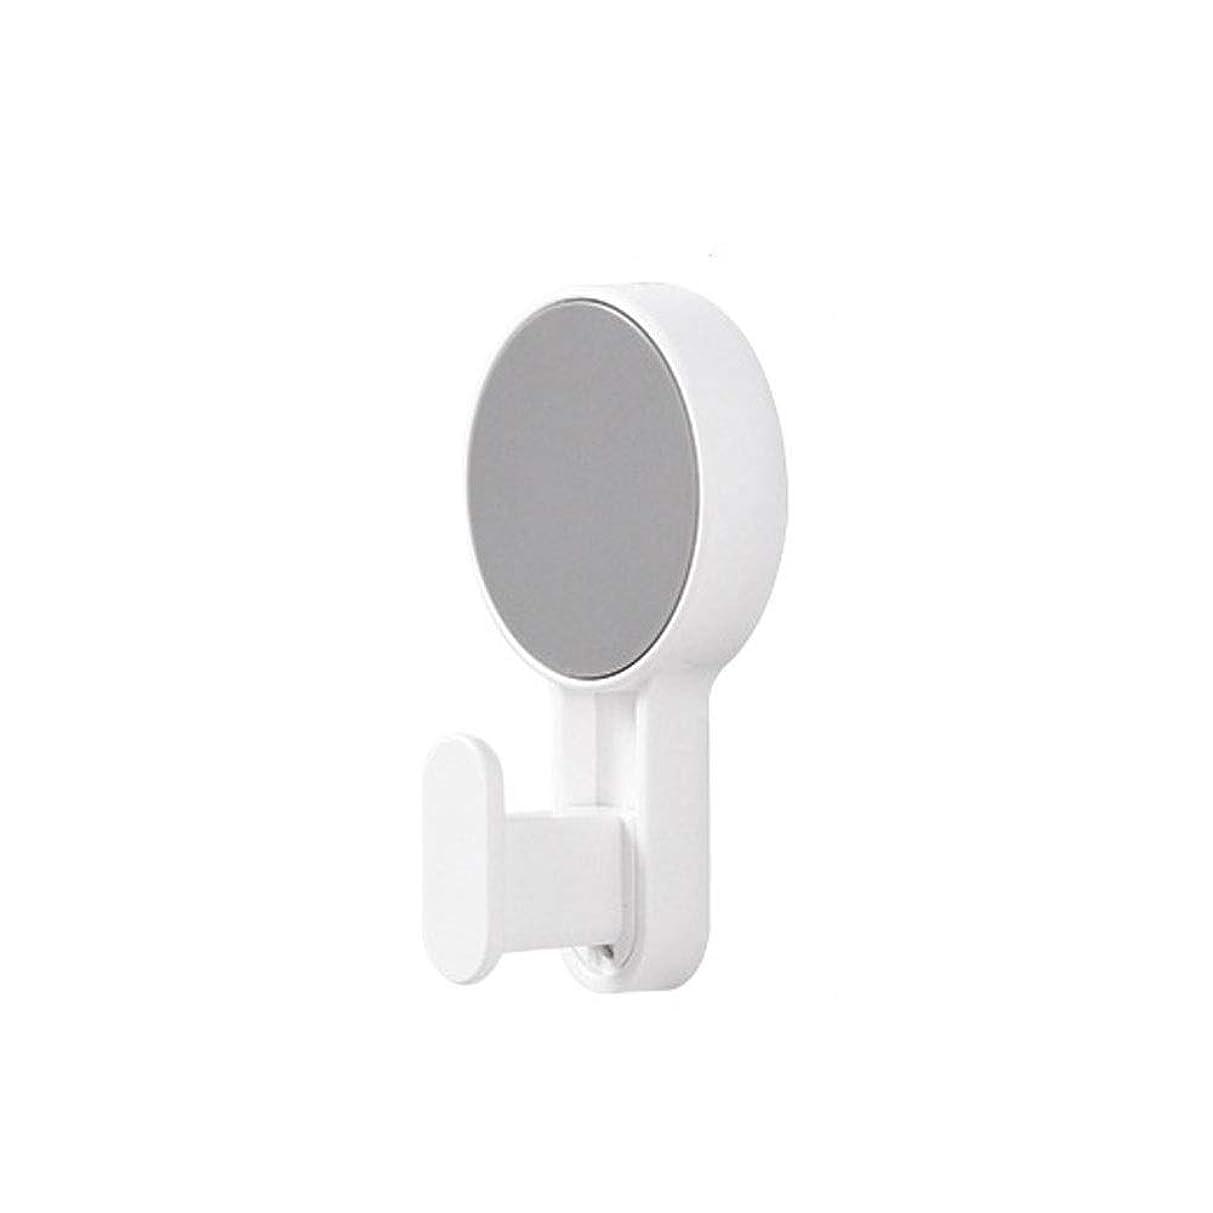 インタビュー形式うん壁の廊下の浴室または台所のための自己接着ホック頑丈な4パック訓練無し